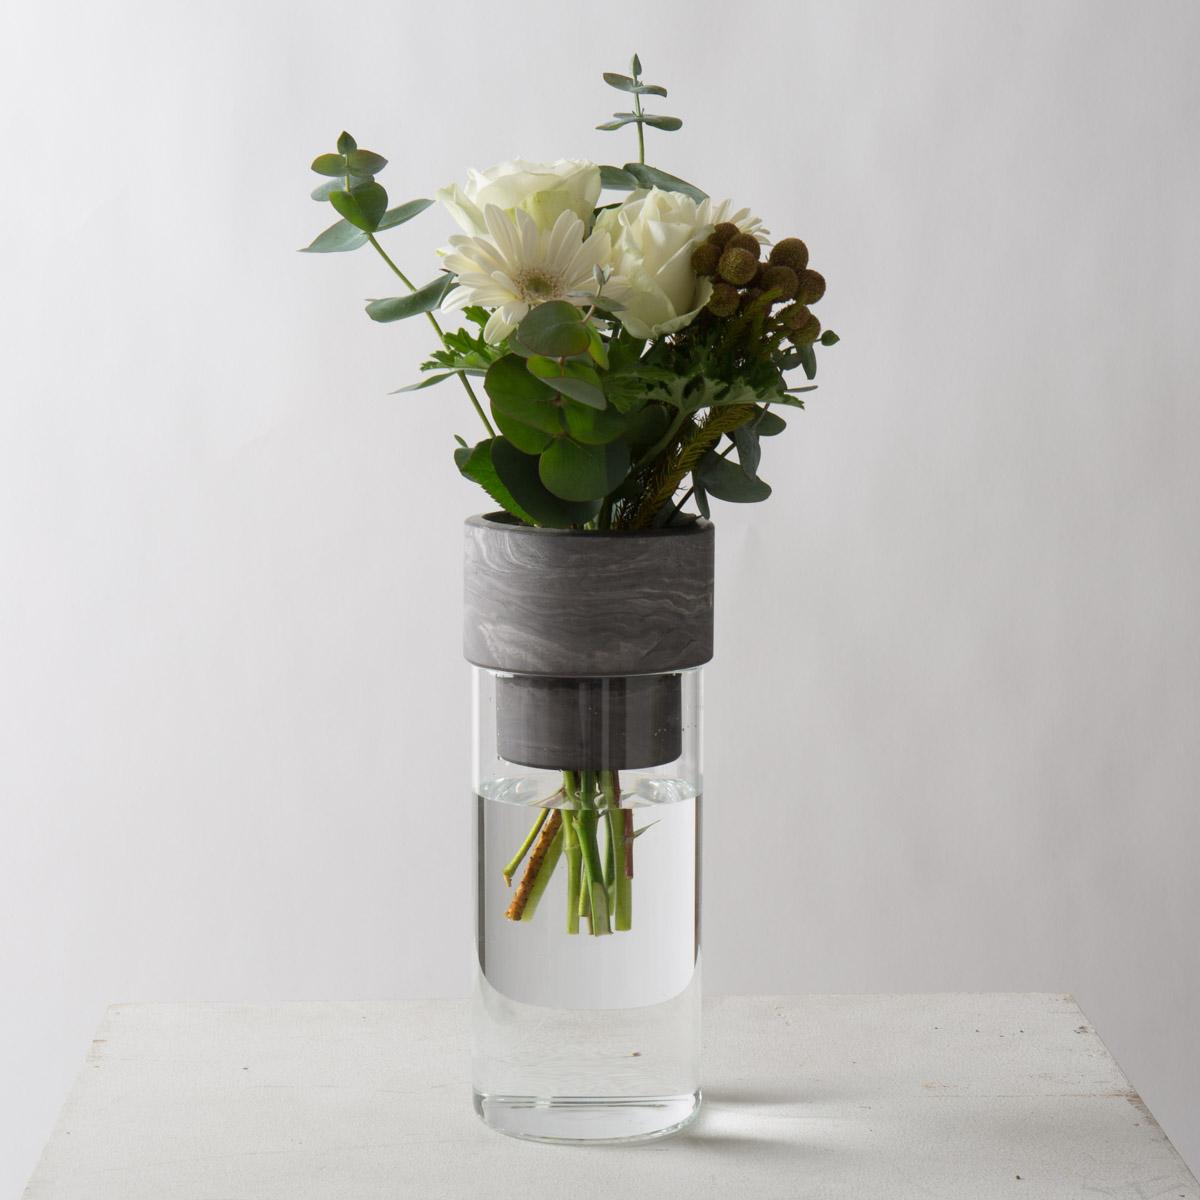 フラワーベース セメント モルタル [〈R-Noo〉TARN-M フラワーベース セメント&グラス-M(グレー)] サラサデザインストア